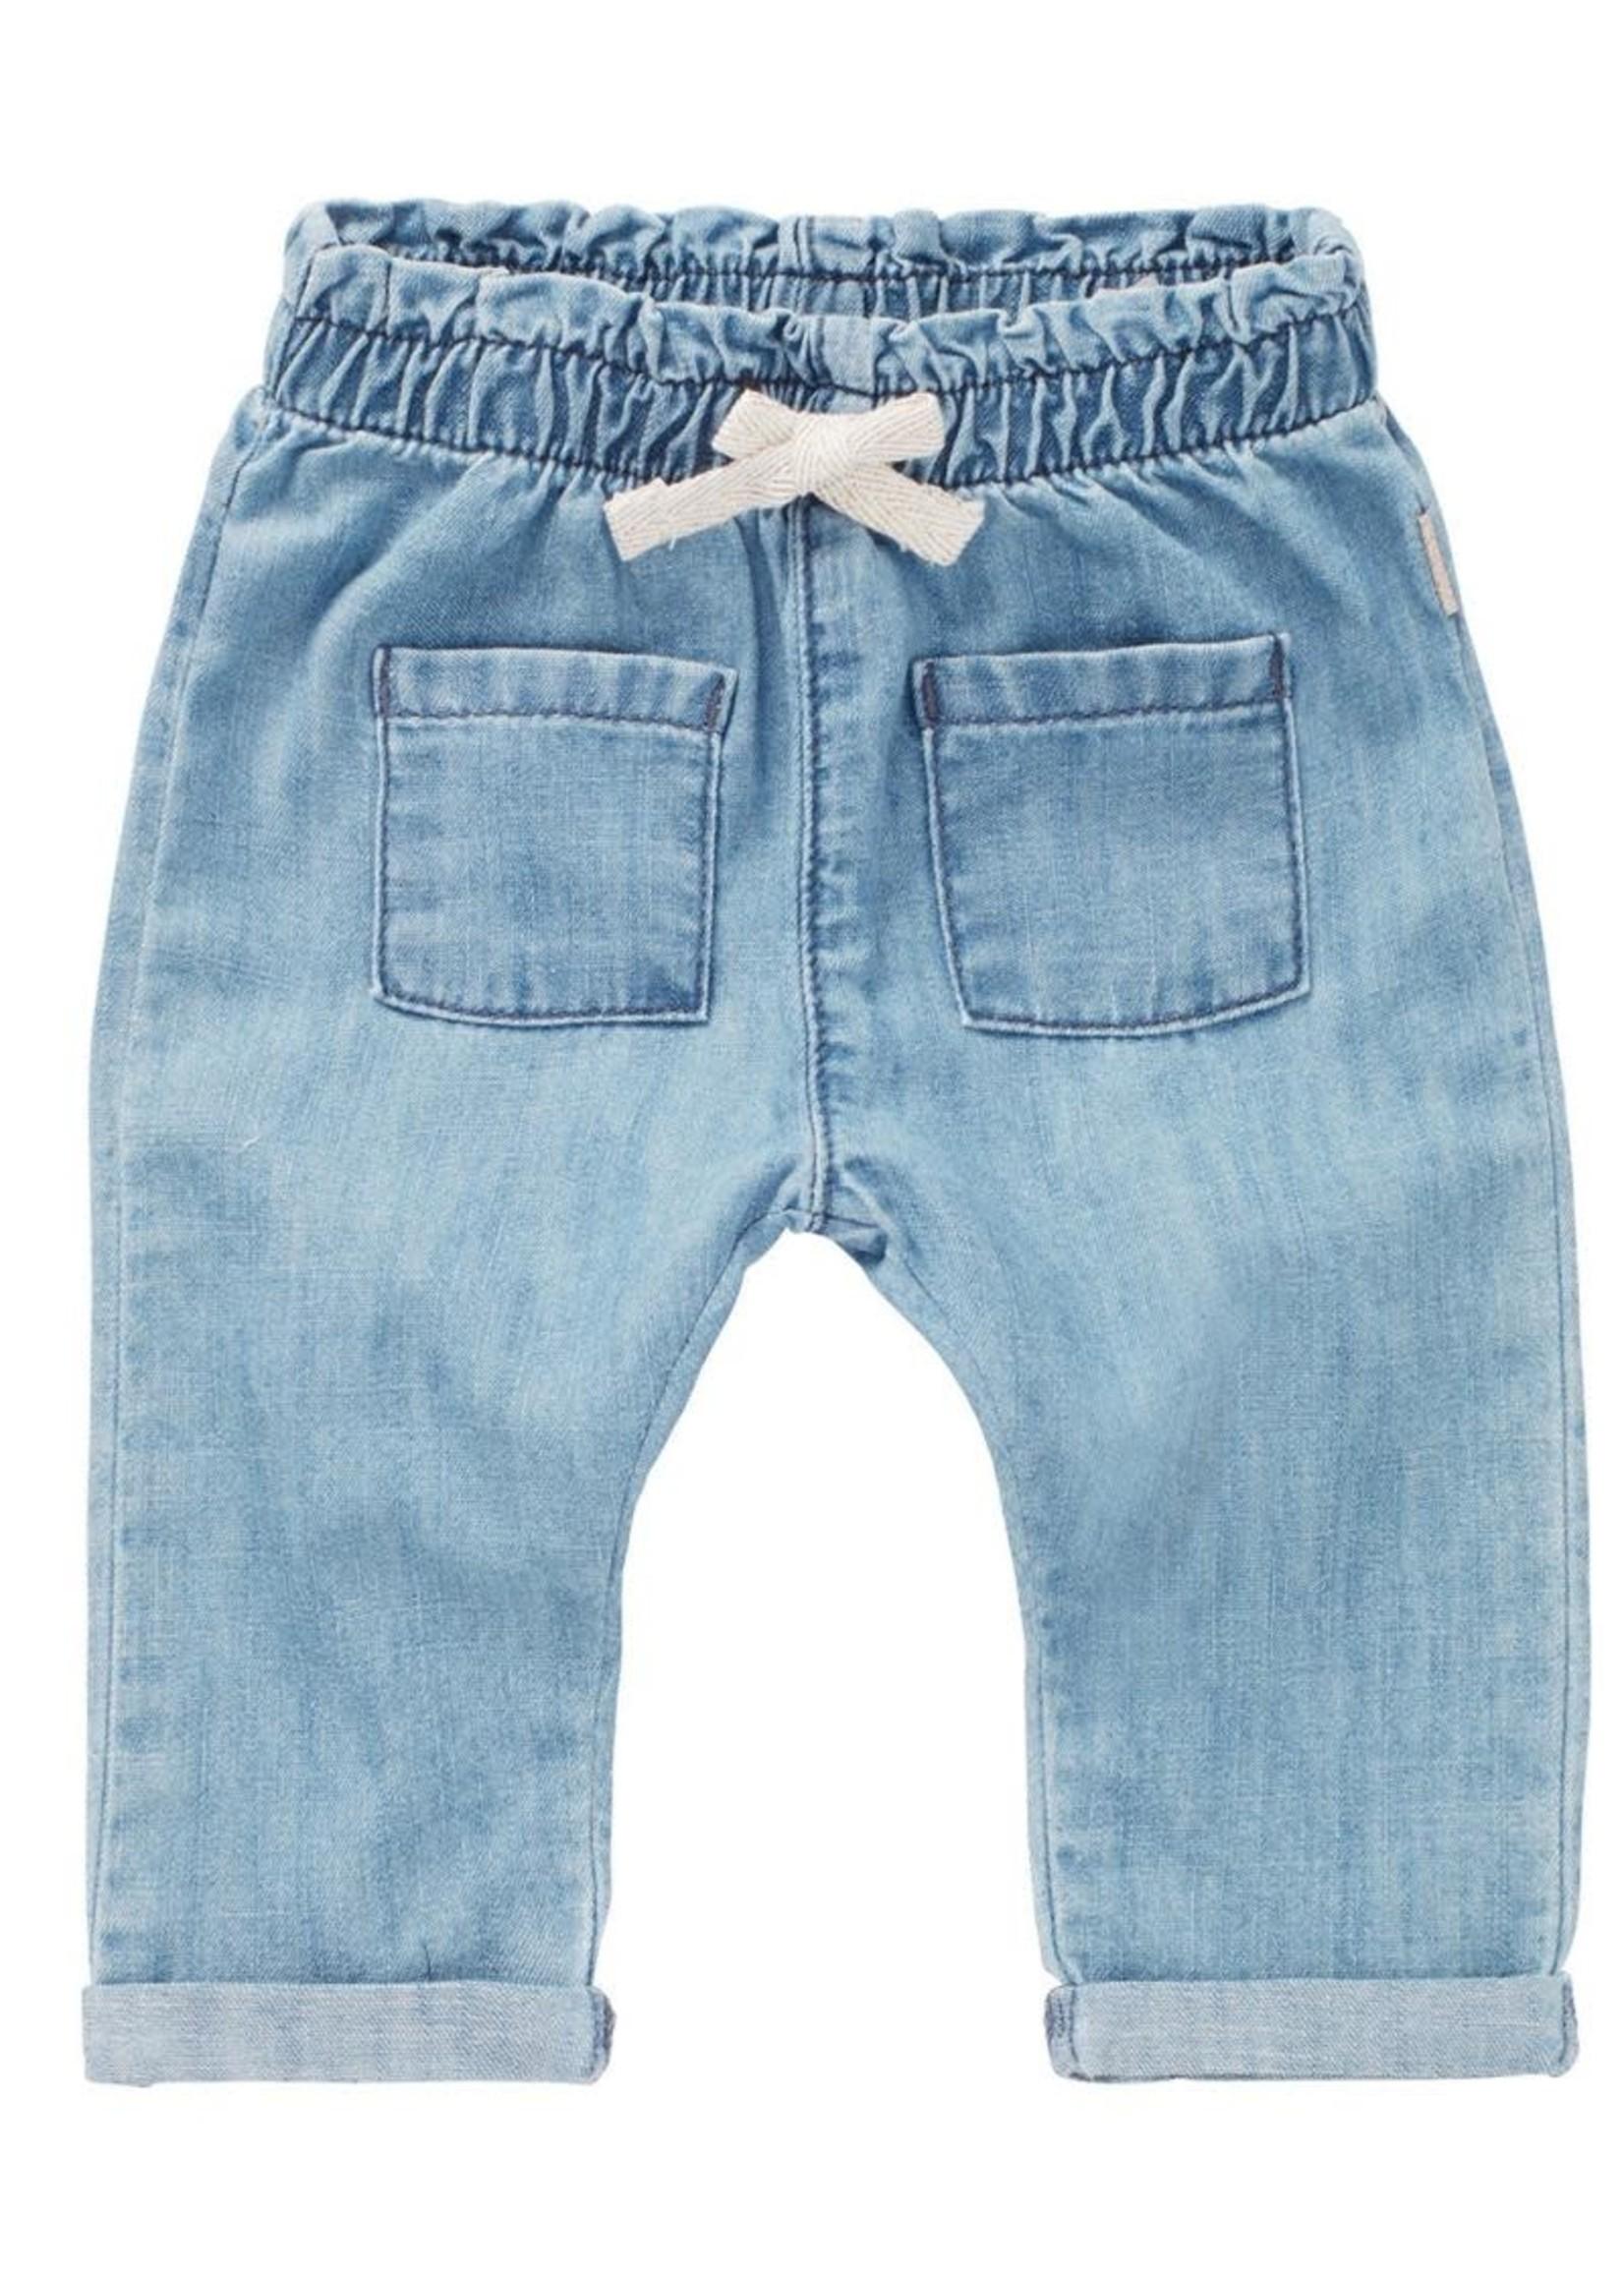 Noppies Kids Noppies Kids, Matane Medium Wash Jeans